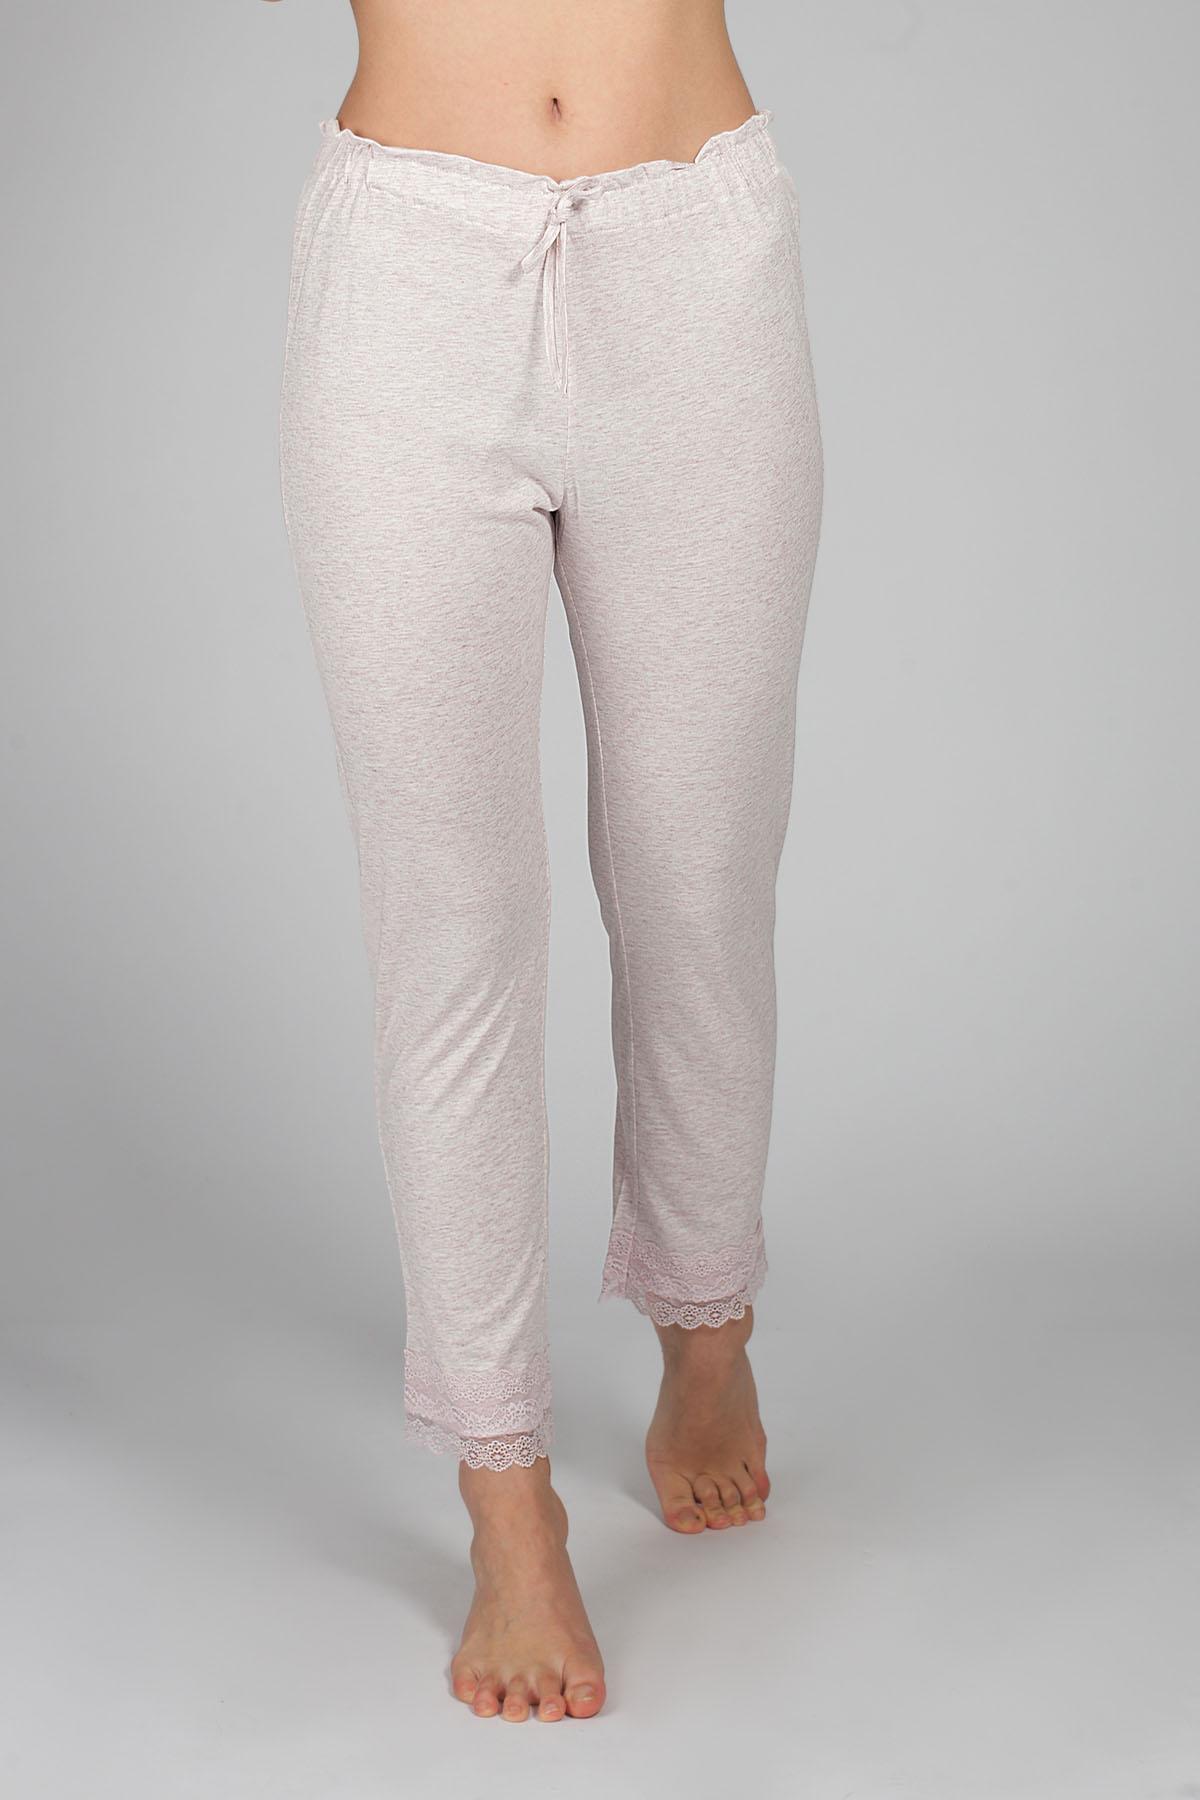 Hays Kadın Modal Pantolon